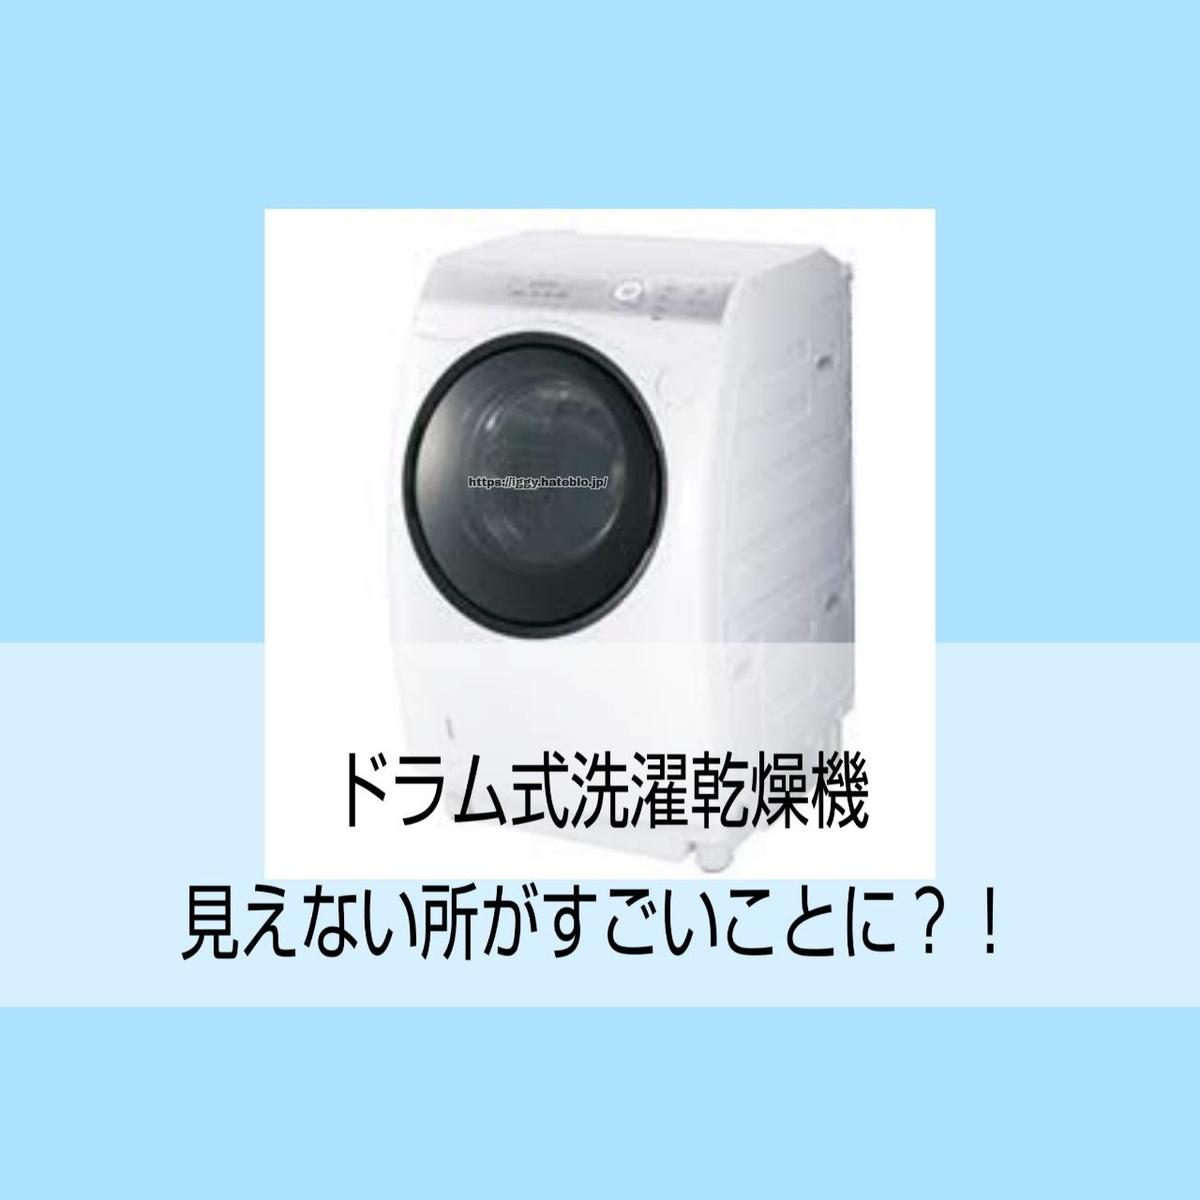 ドラム式洗濯乾燥機 アイキャッチ画像 iggy2019